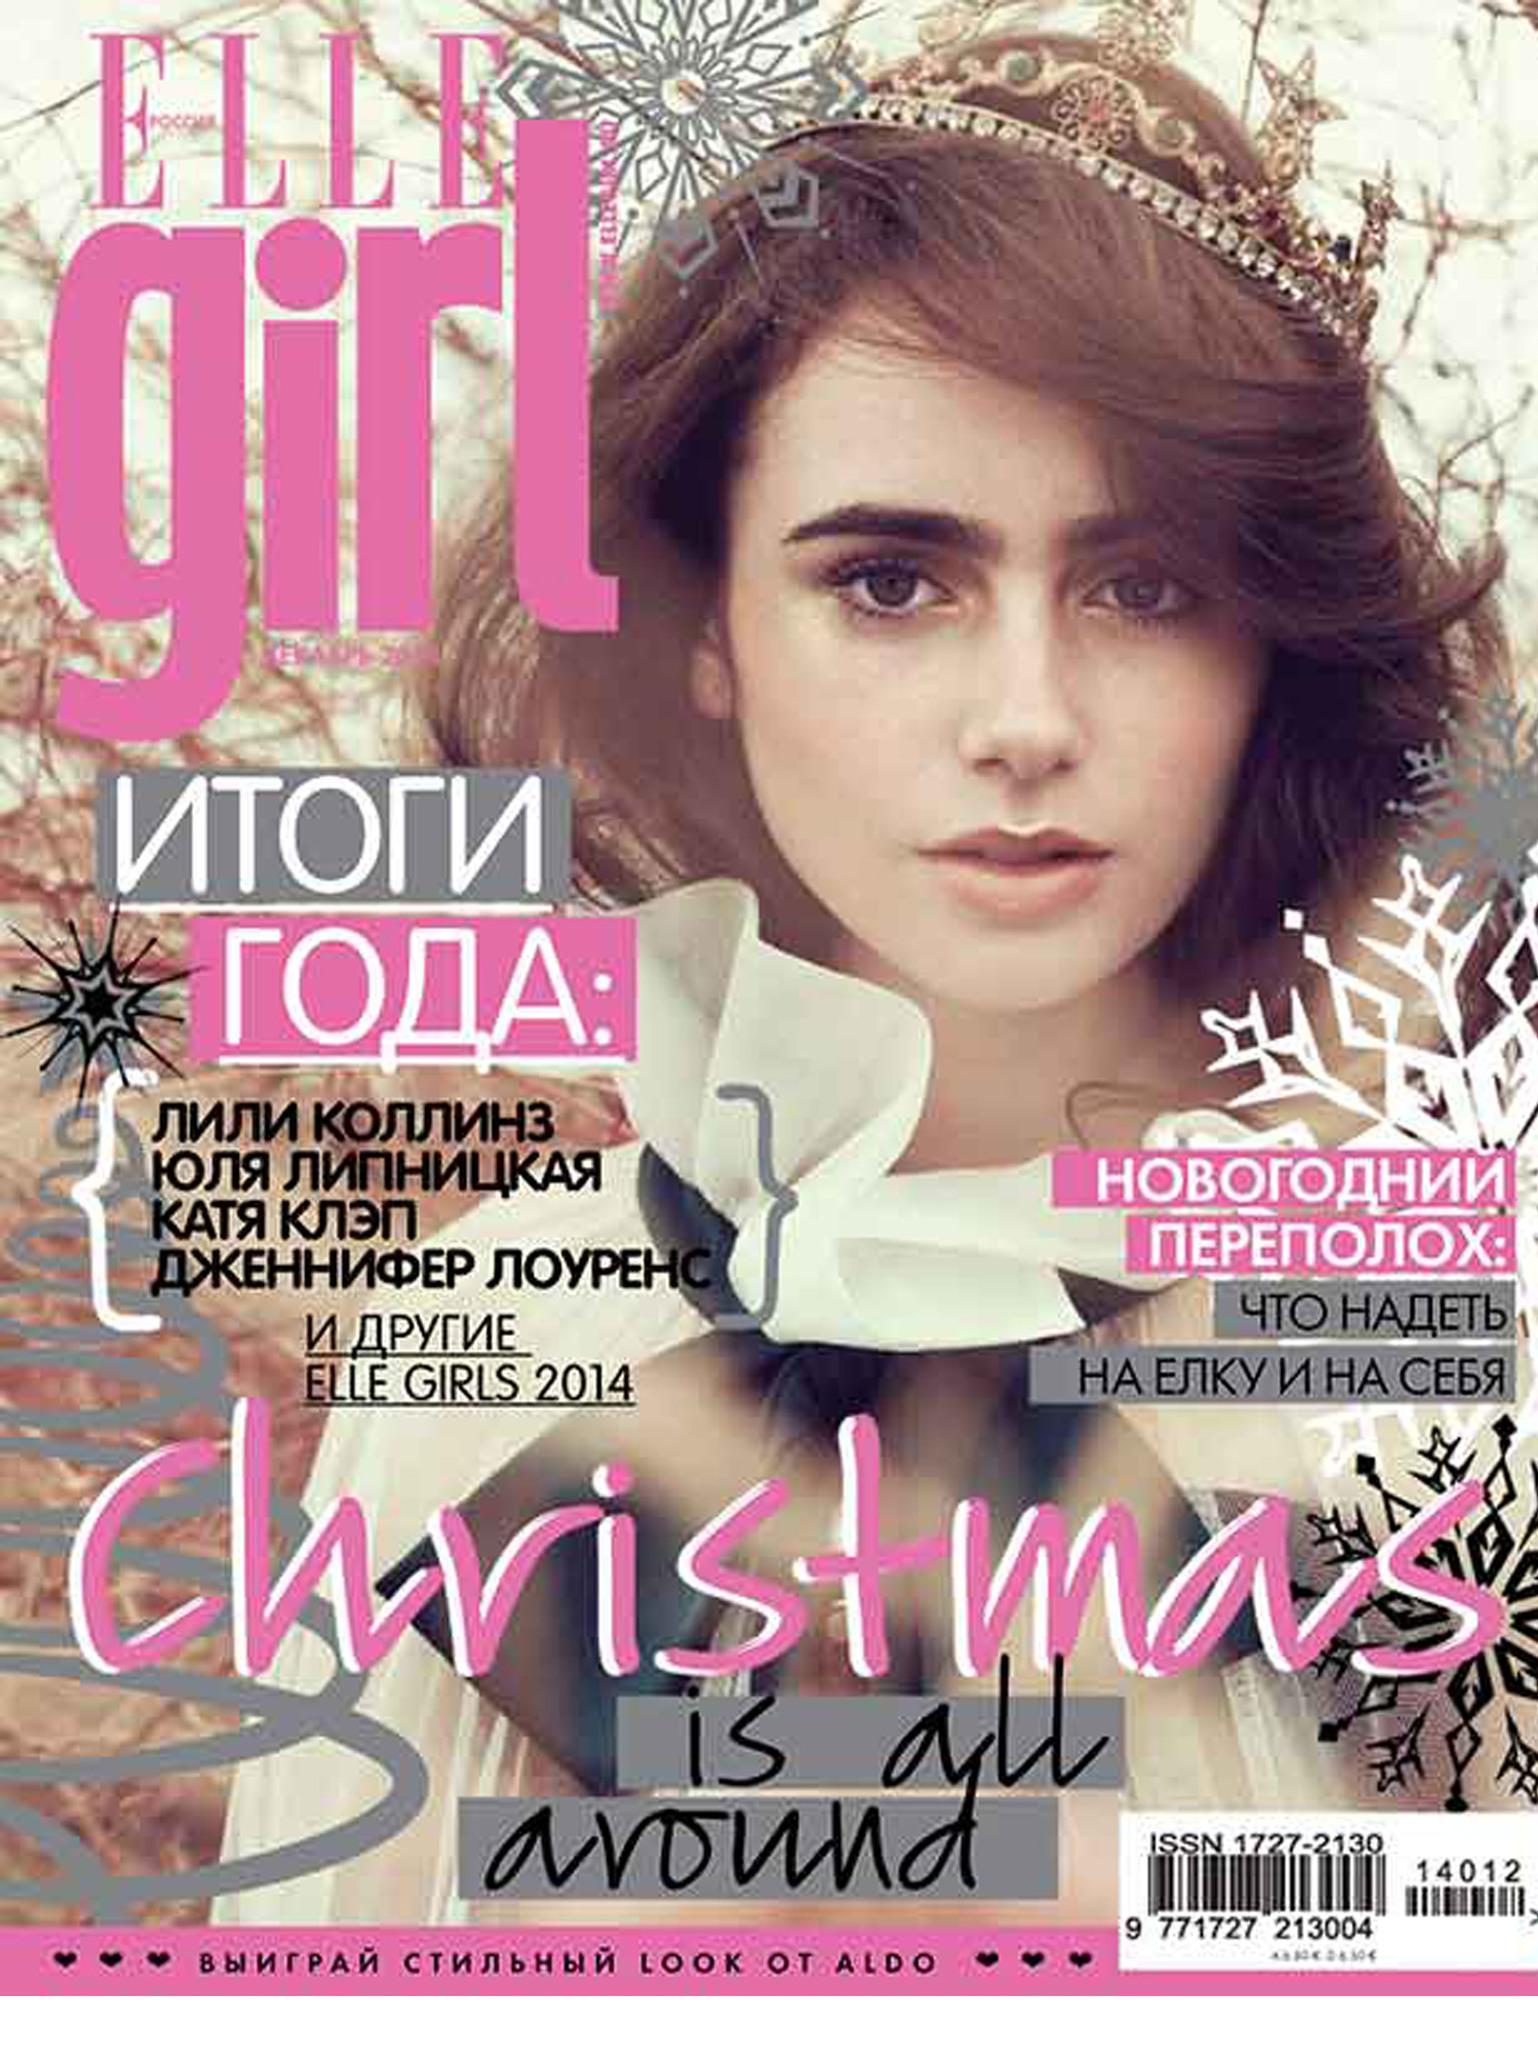 Самые эффектные украшения от интернет-магазина Modbrand.ru в журнале ELLE Girl  декабрь 2014 г.